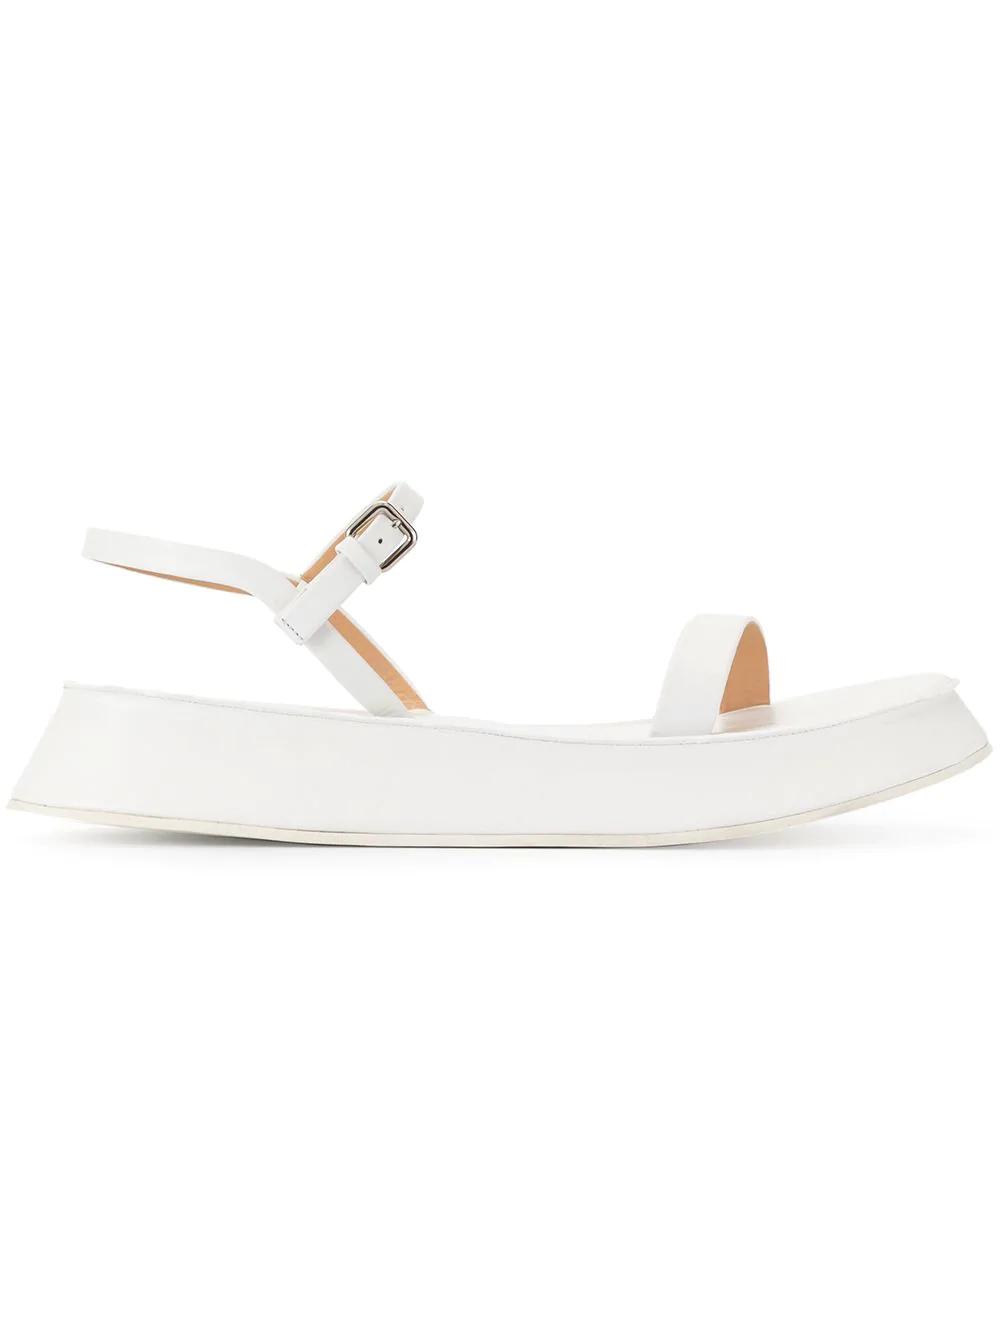 dfb449f69e Jil Sander Flatform Sandals - White | ModeSens